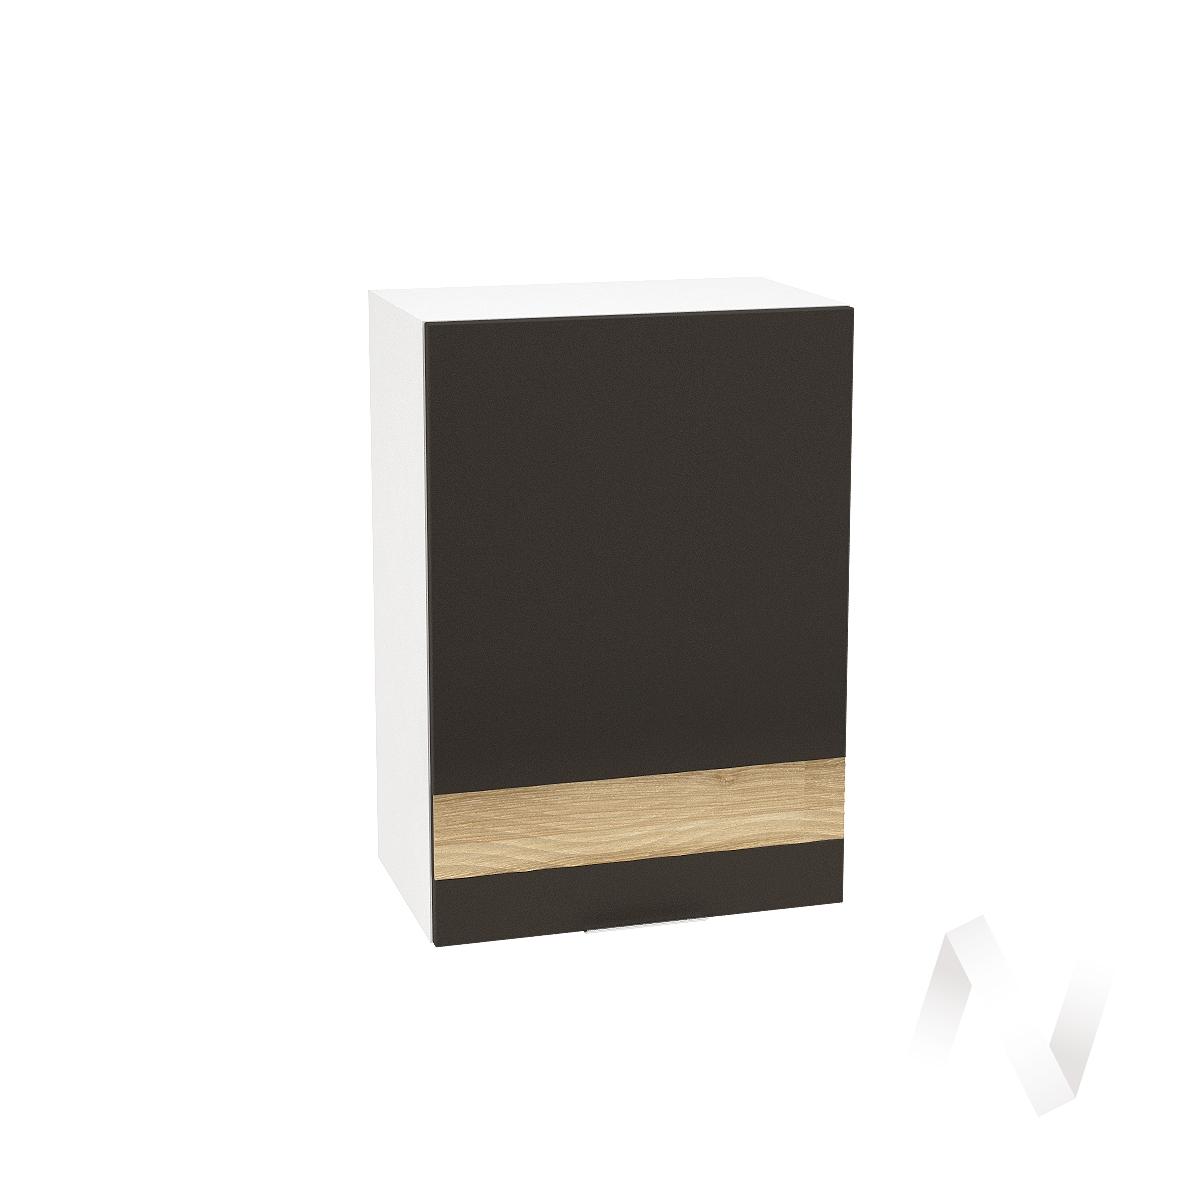 """Кухня """"Терра"""": Шкаф верхний левый 500, ШВ 500 (смоки софт/ель карпаткая/корпус белый)"""